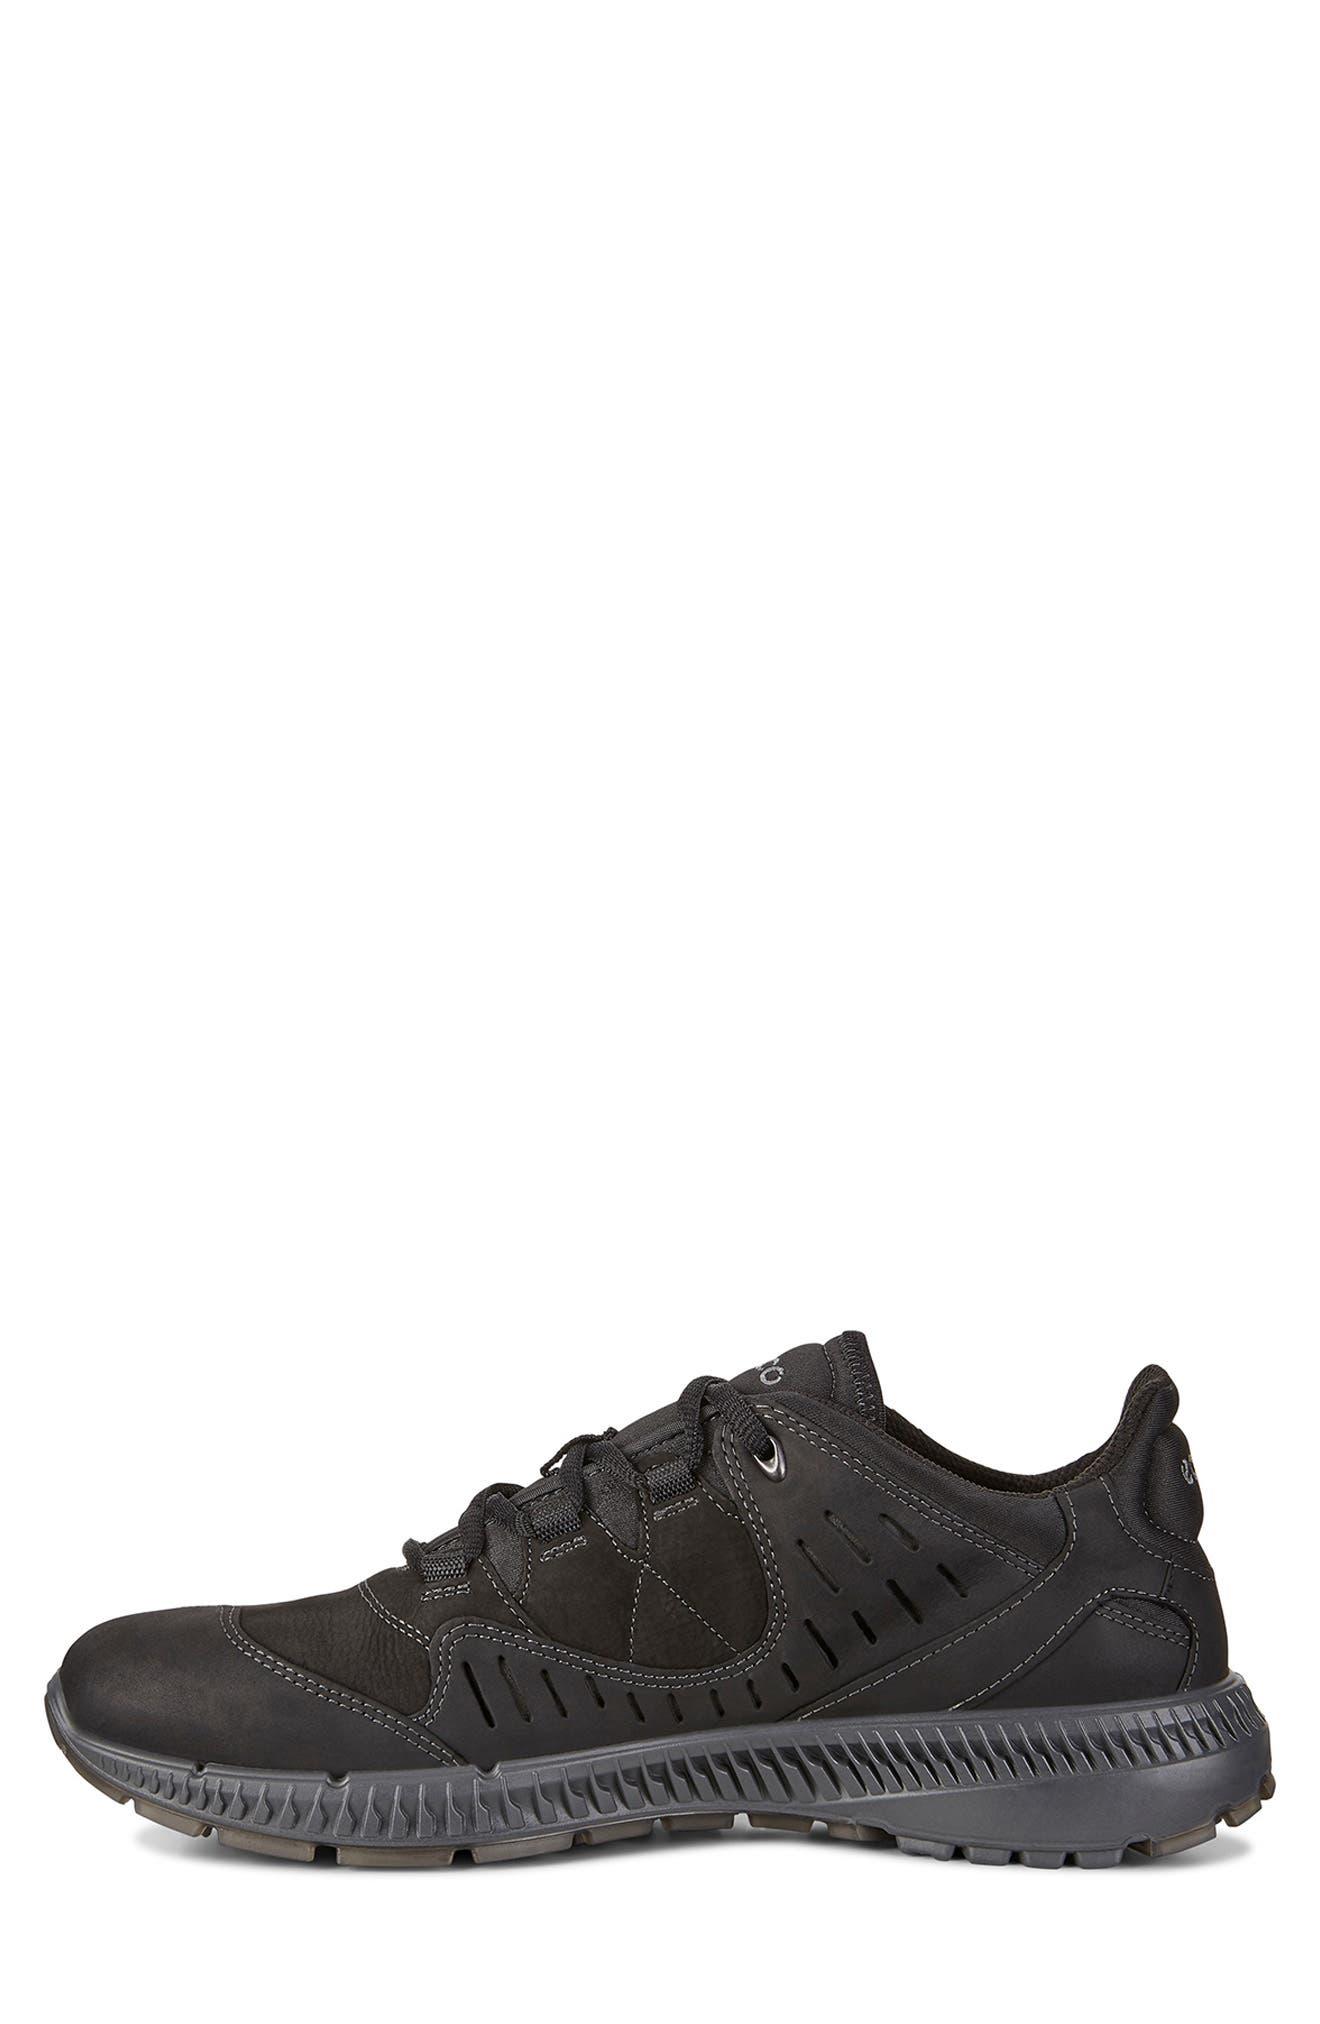 Terrawalk Sneaker,                             Alternate thumbnail 5, color,                             001